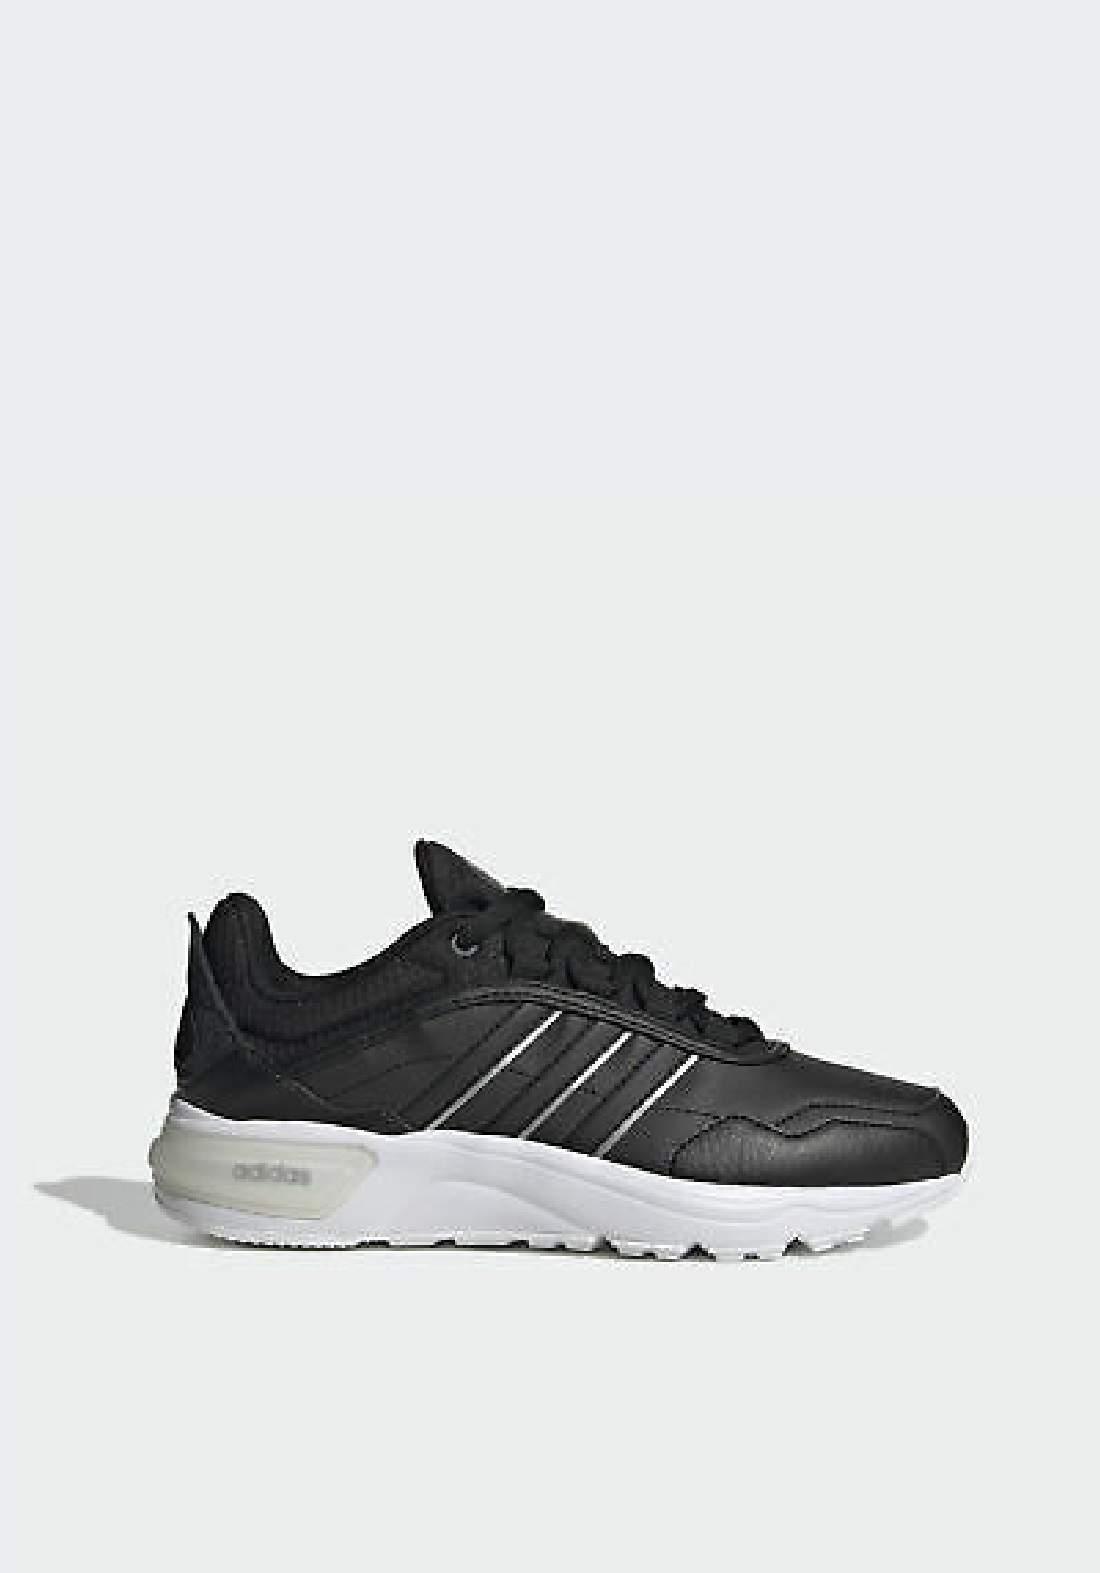 Adidas حذاء نسائي رياضي اسود اللون من